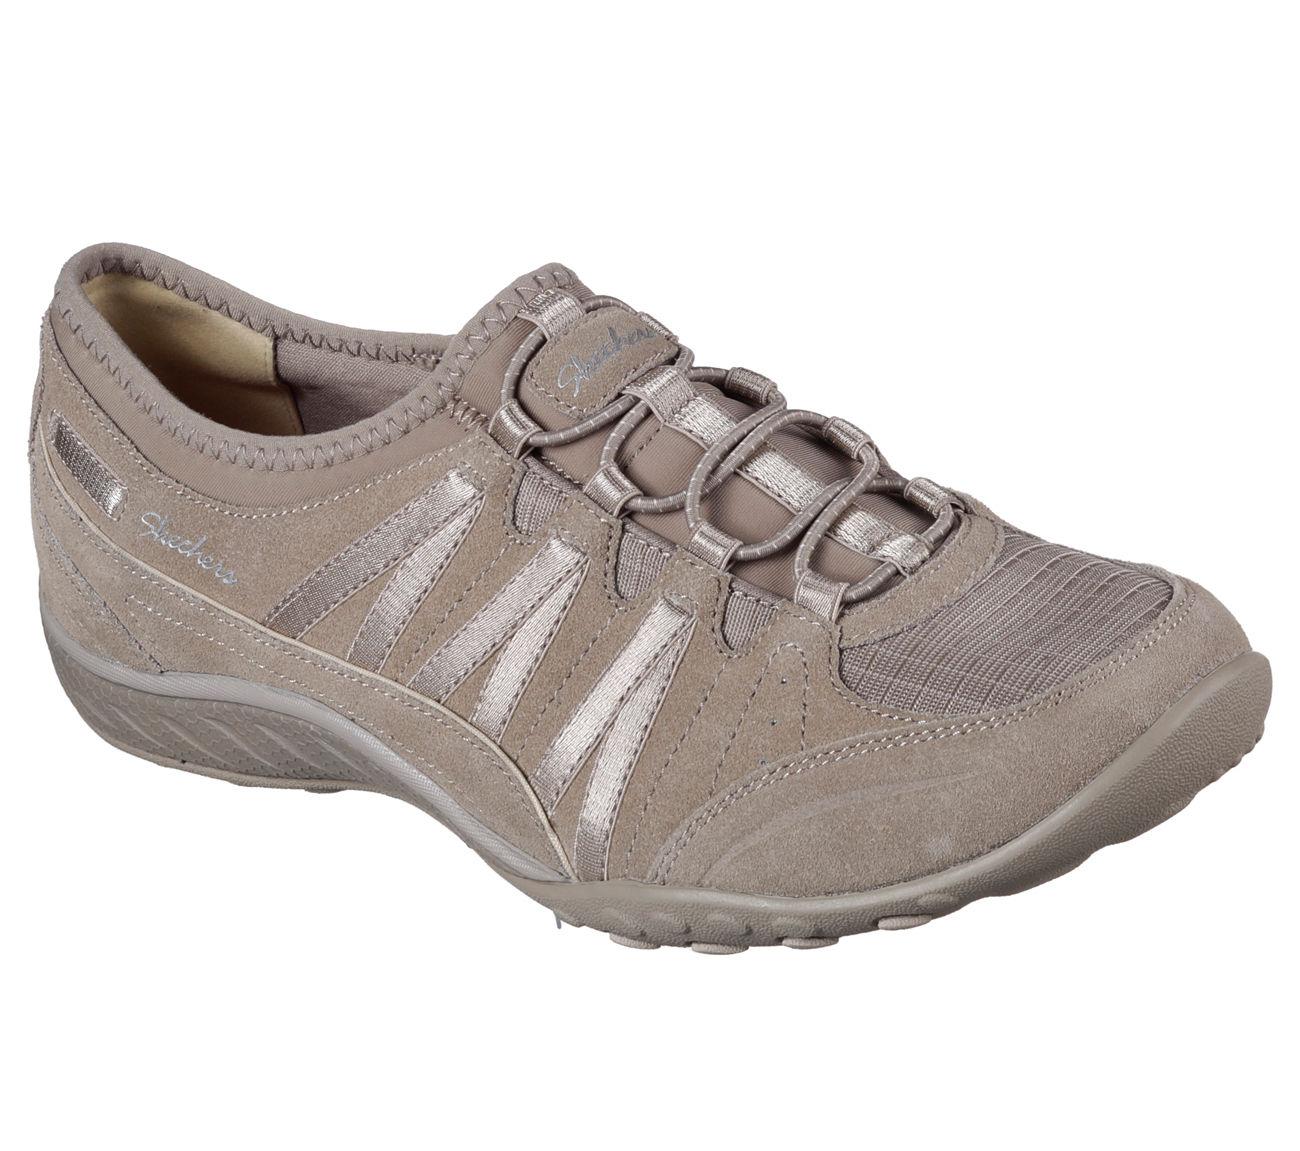 Skechers Workwear Shoes Uk